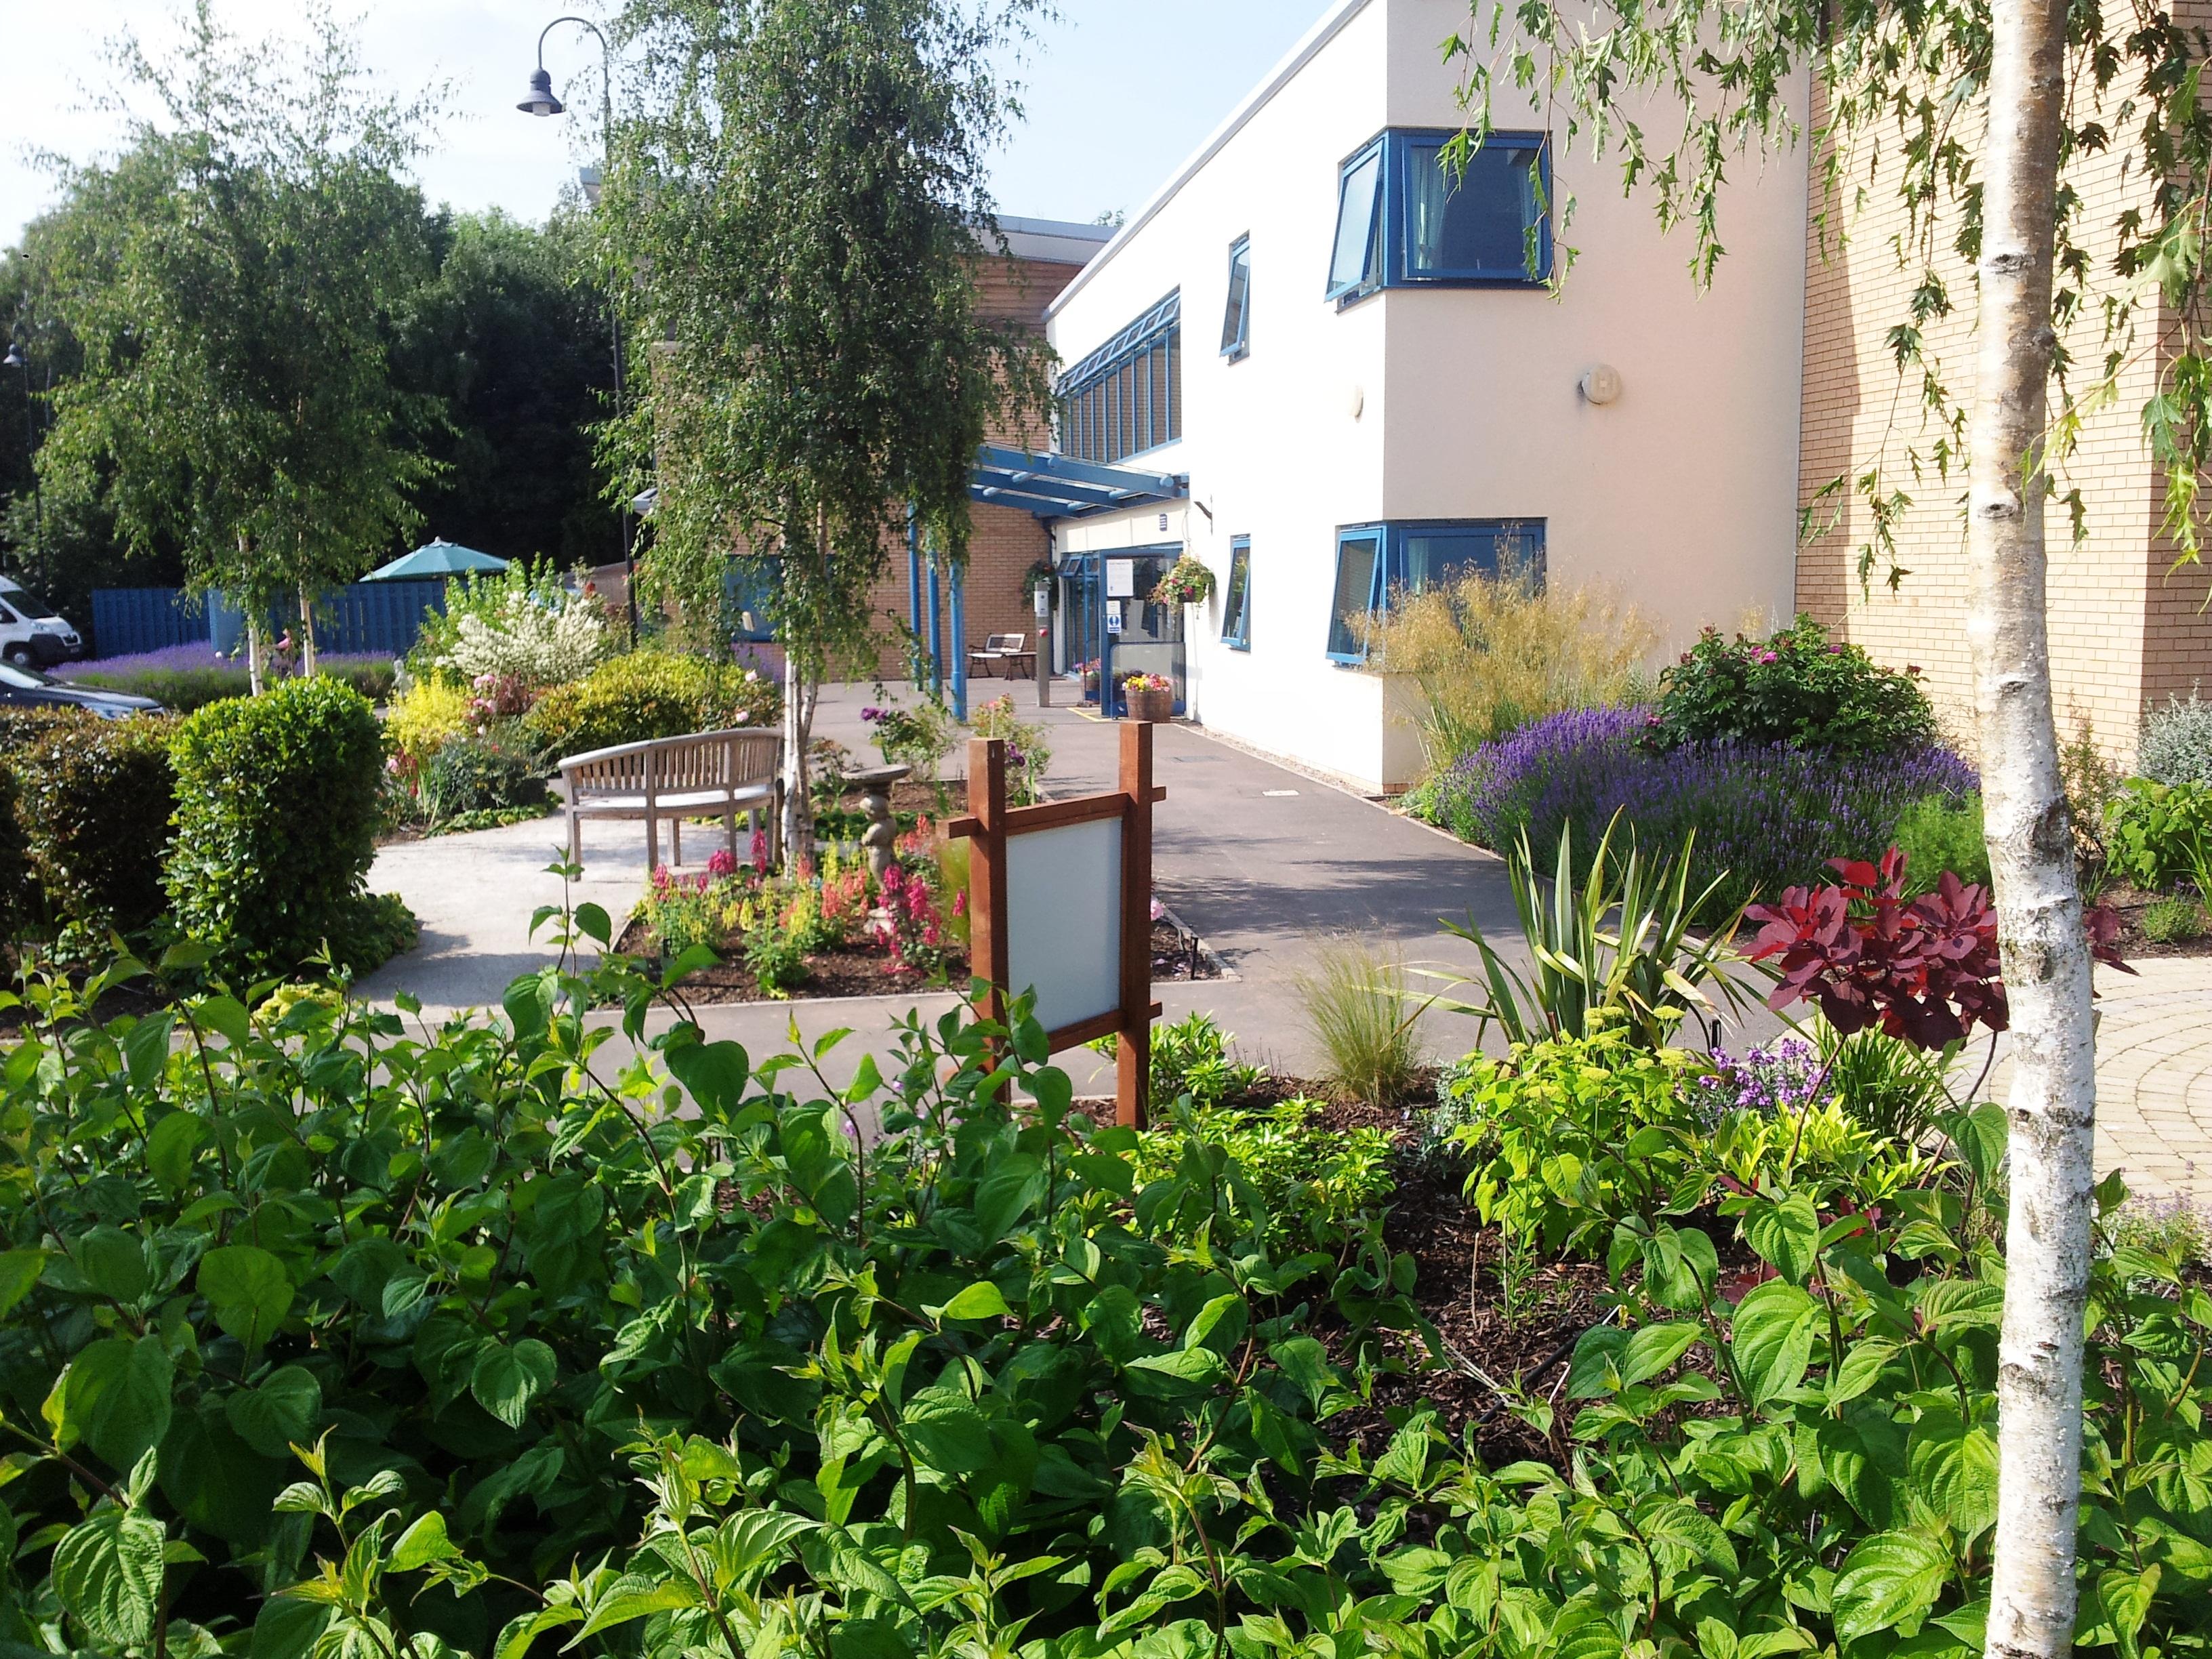 The Uplands Nursing Home Shrewsbury